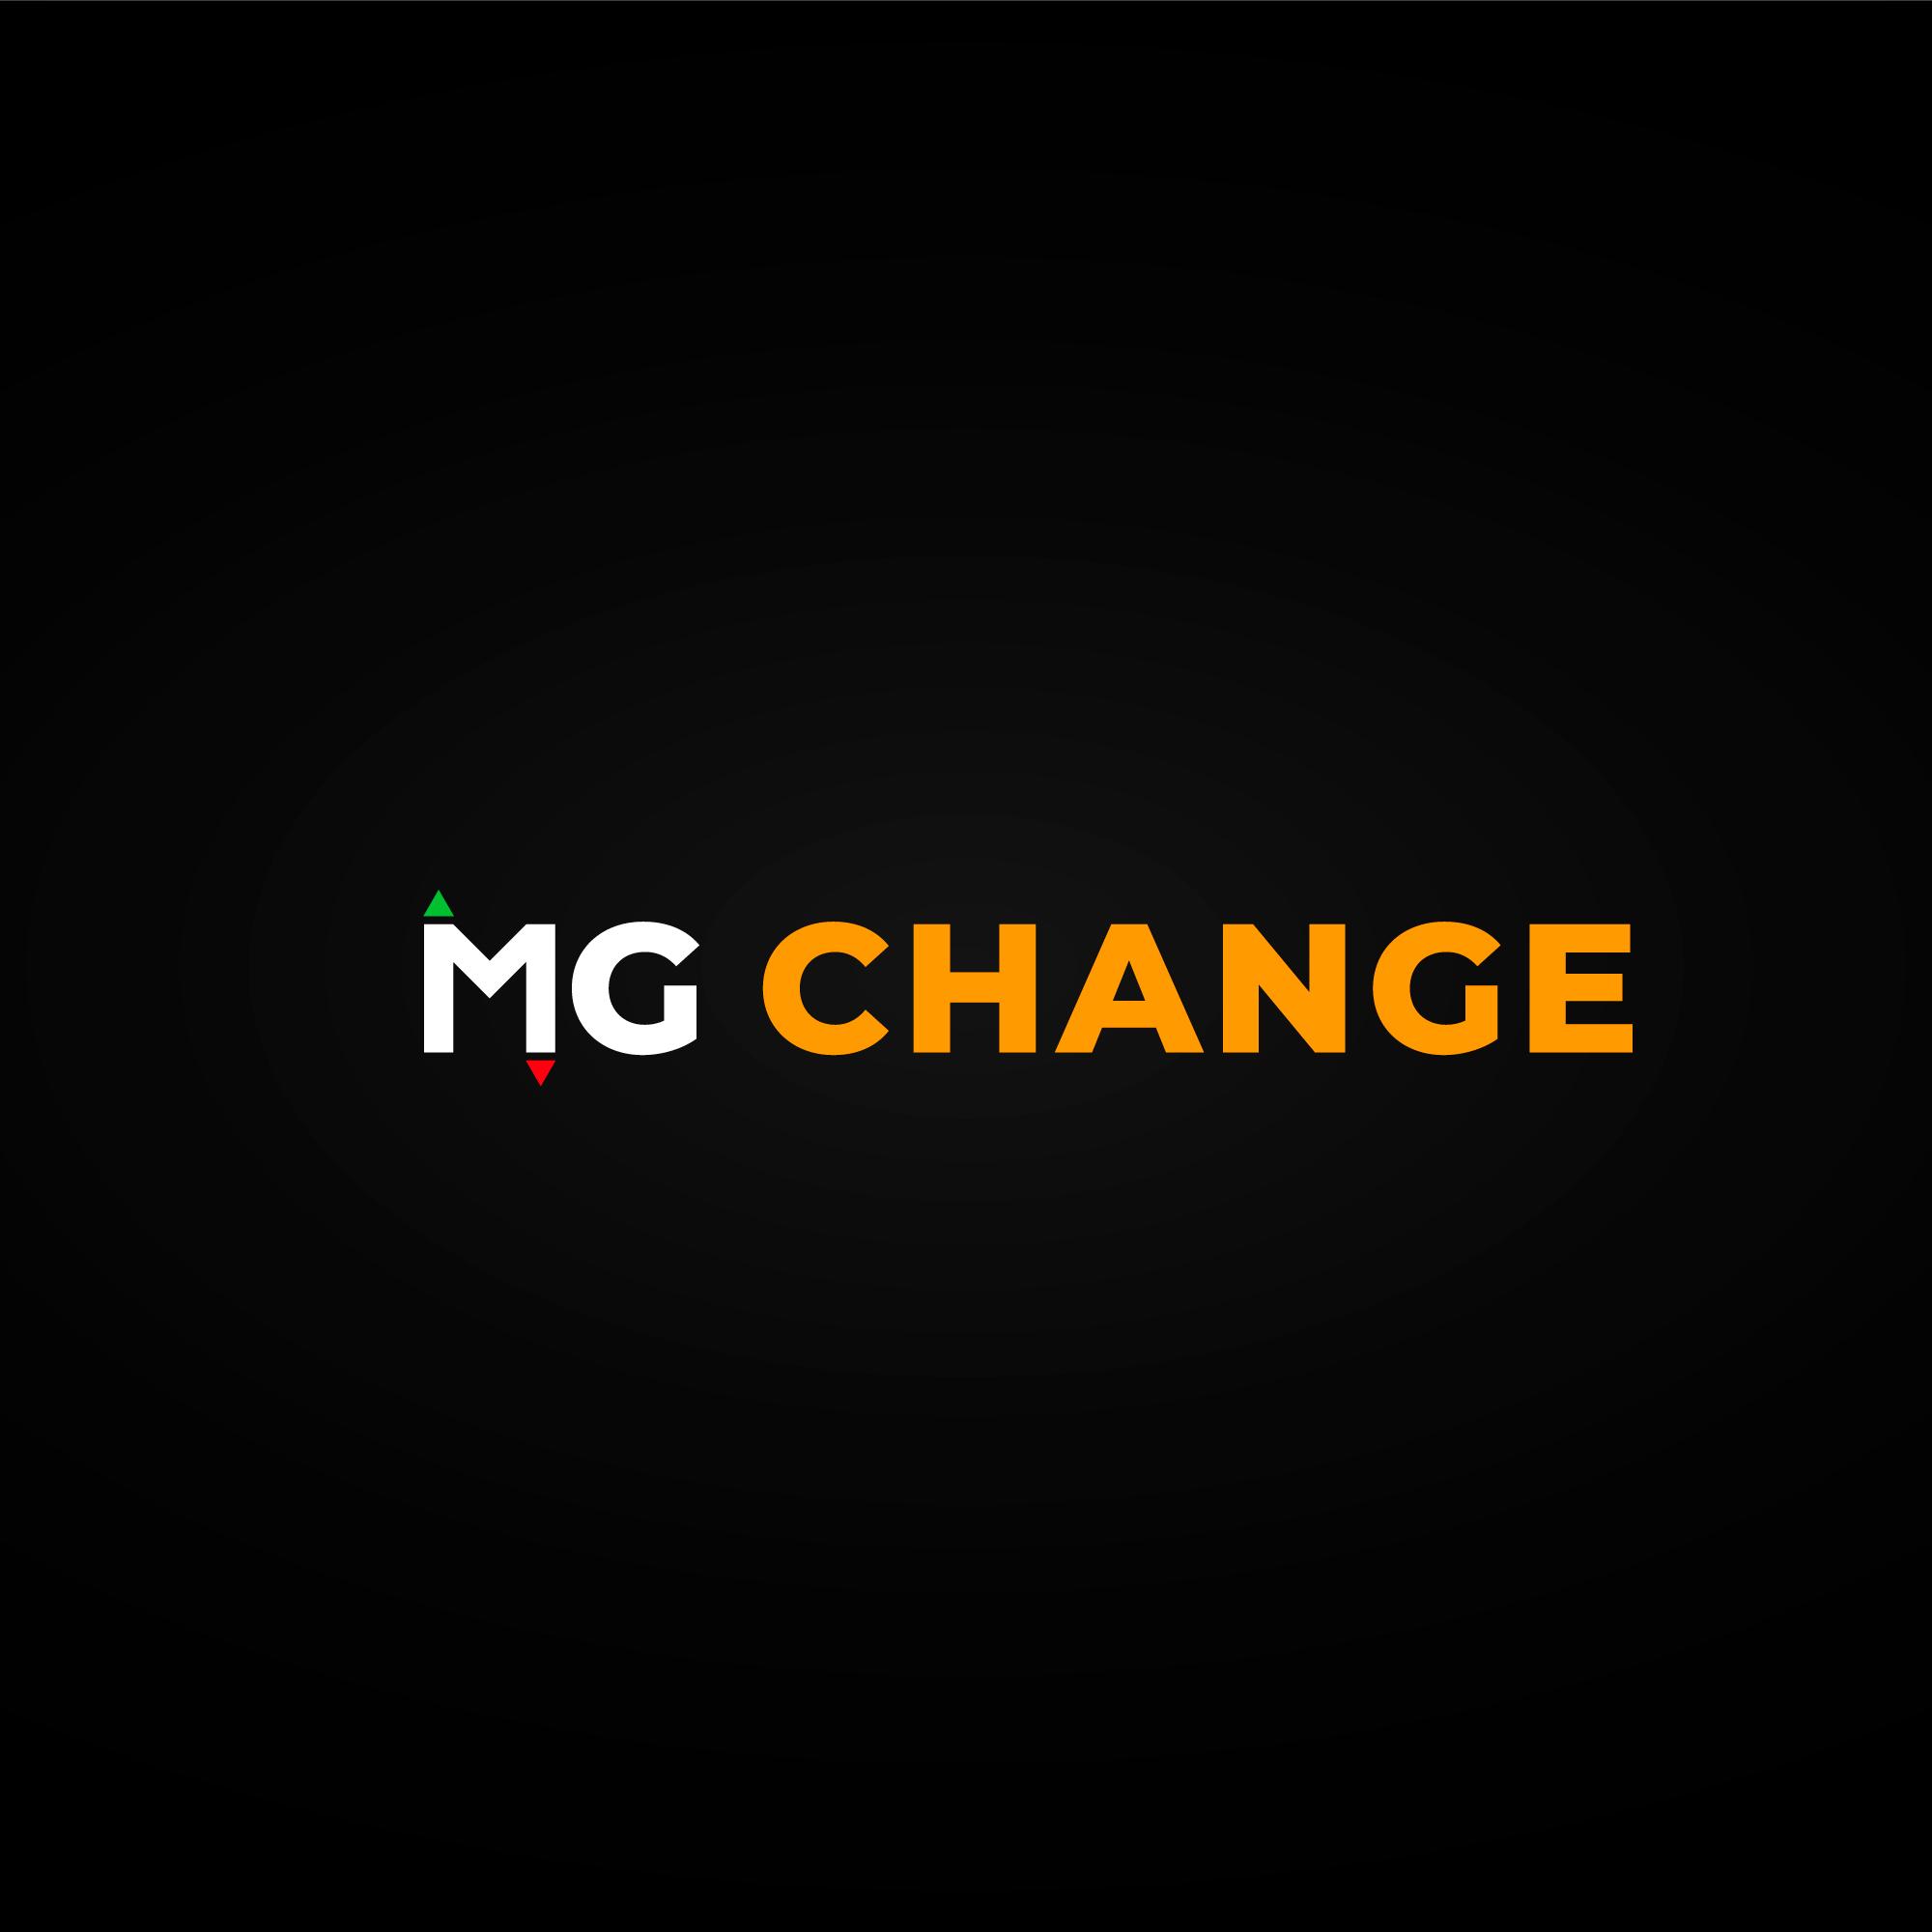 Разработка логотипа  фото f_7315a80412e4e072.jpg